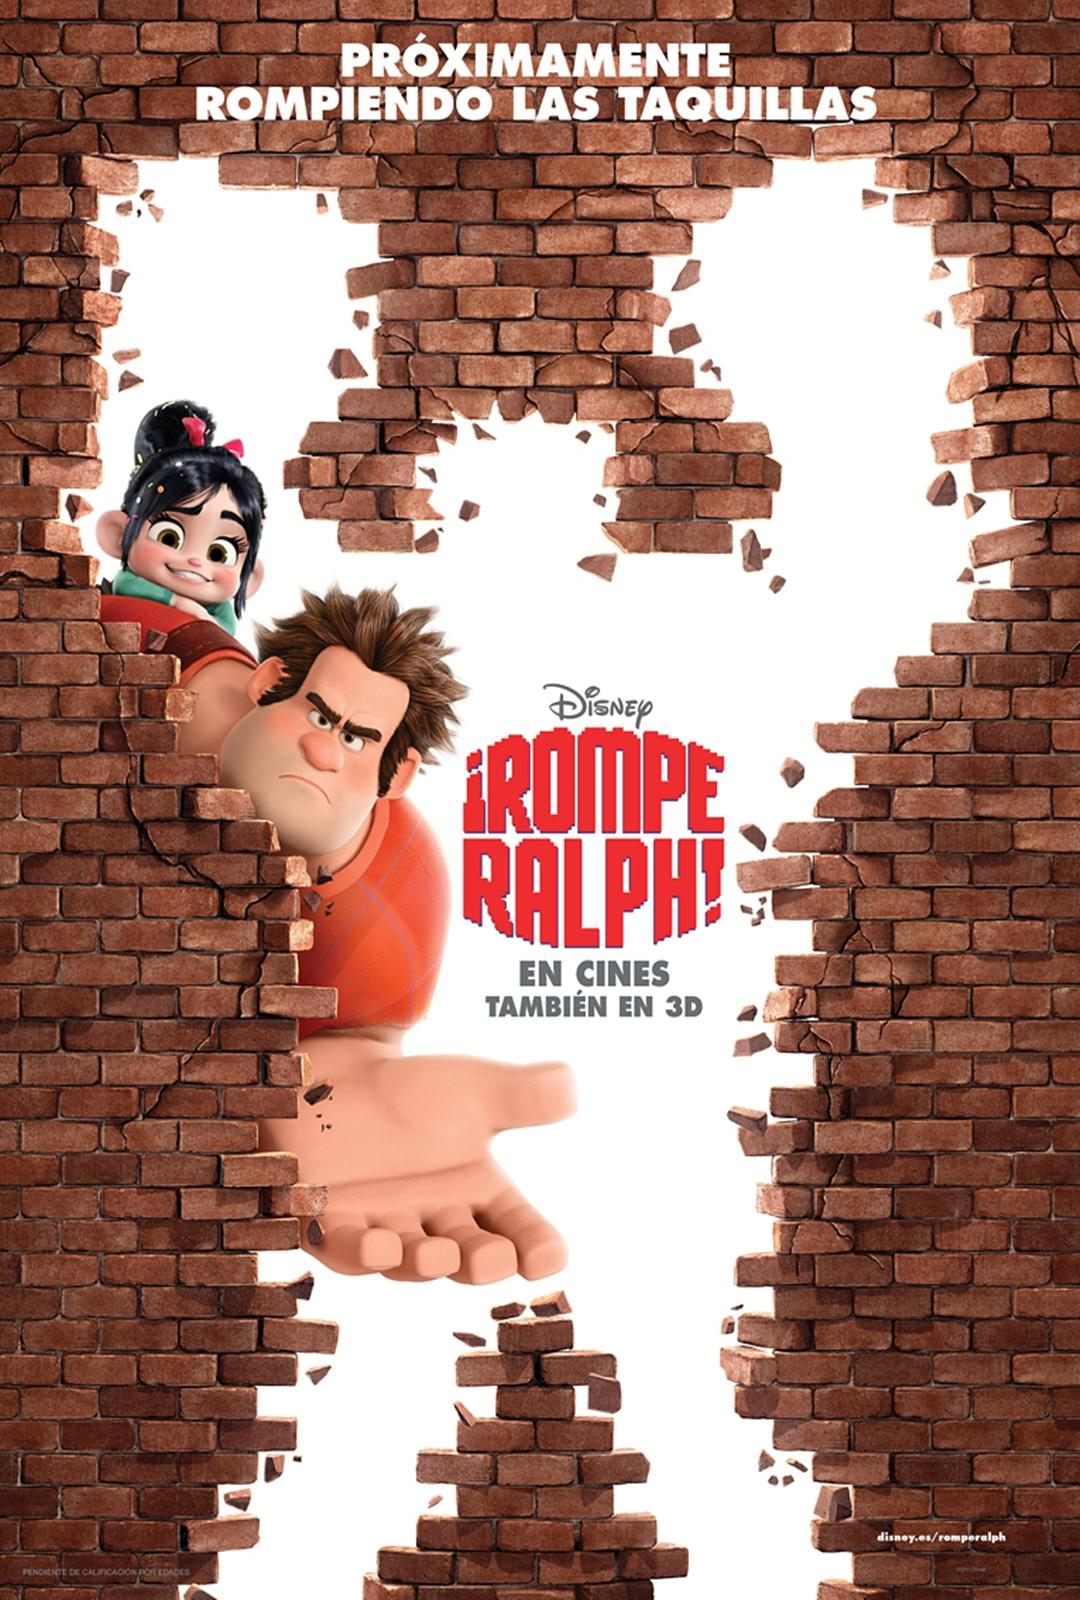 Películas #1 - ¡Rompe ralph!